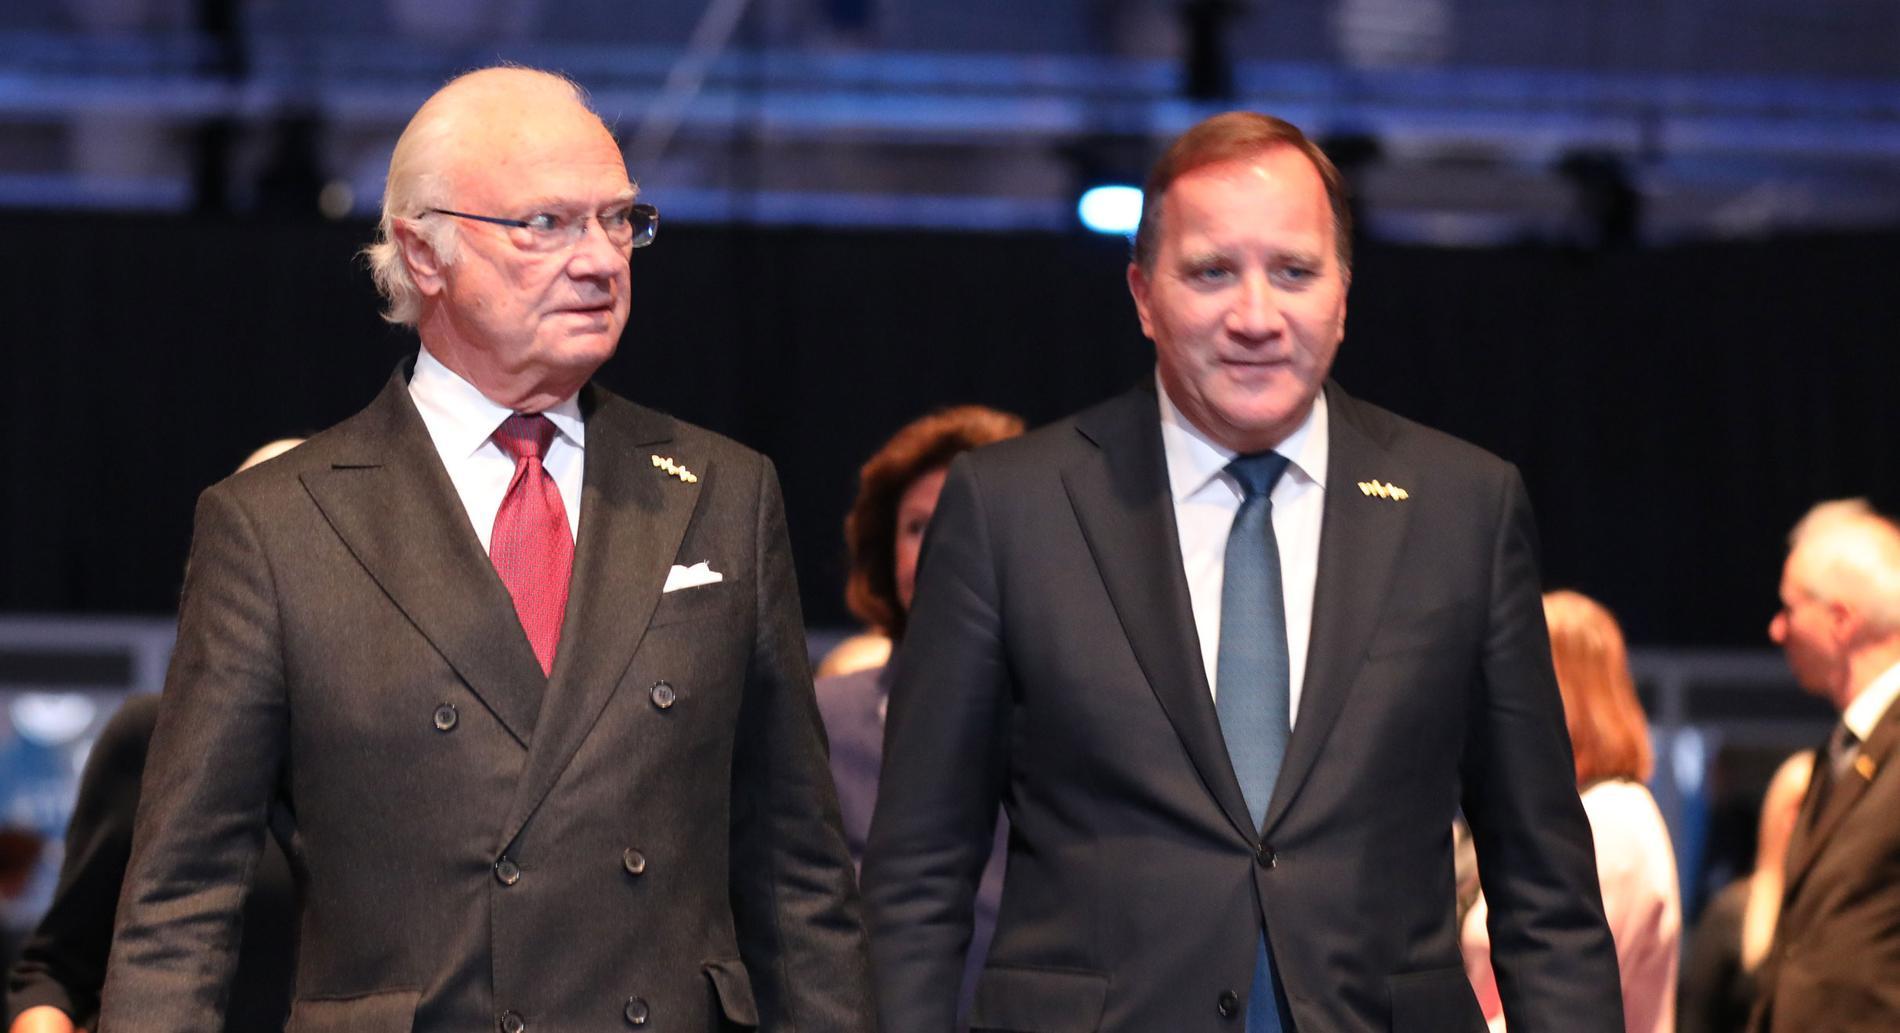 Kungen och Stefan Löfven under konferensen.